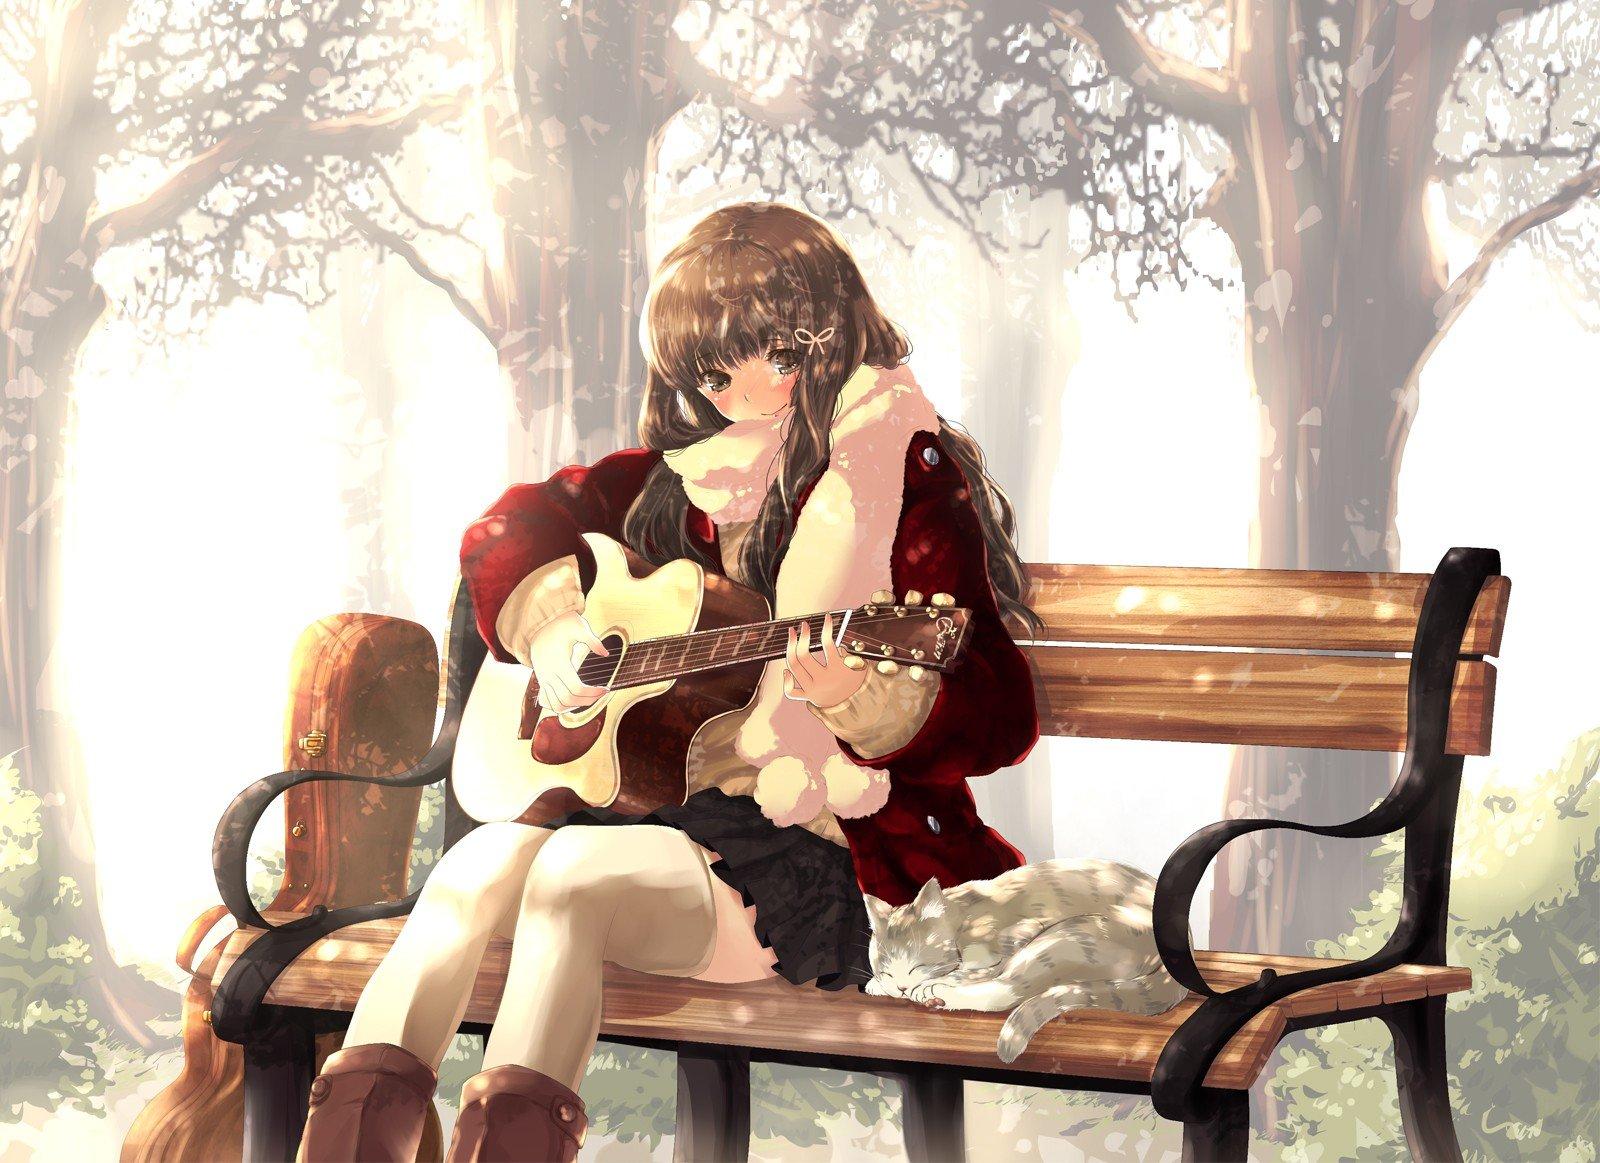 Girl who plays dating simes anime